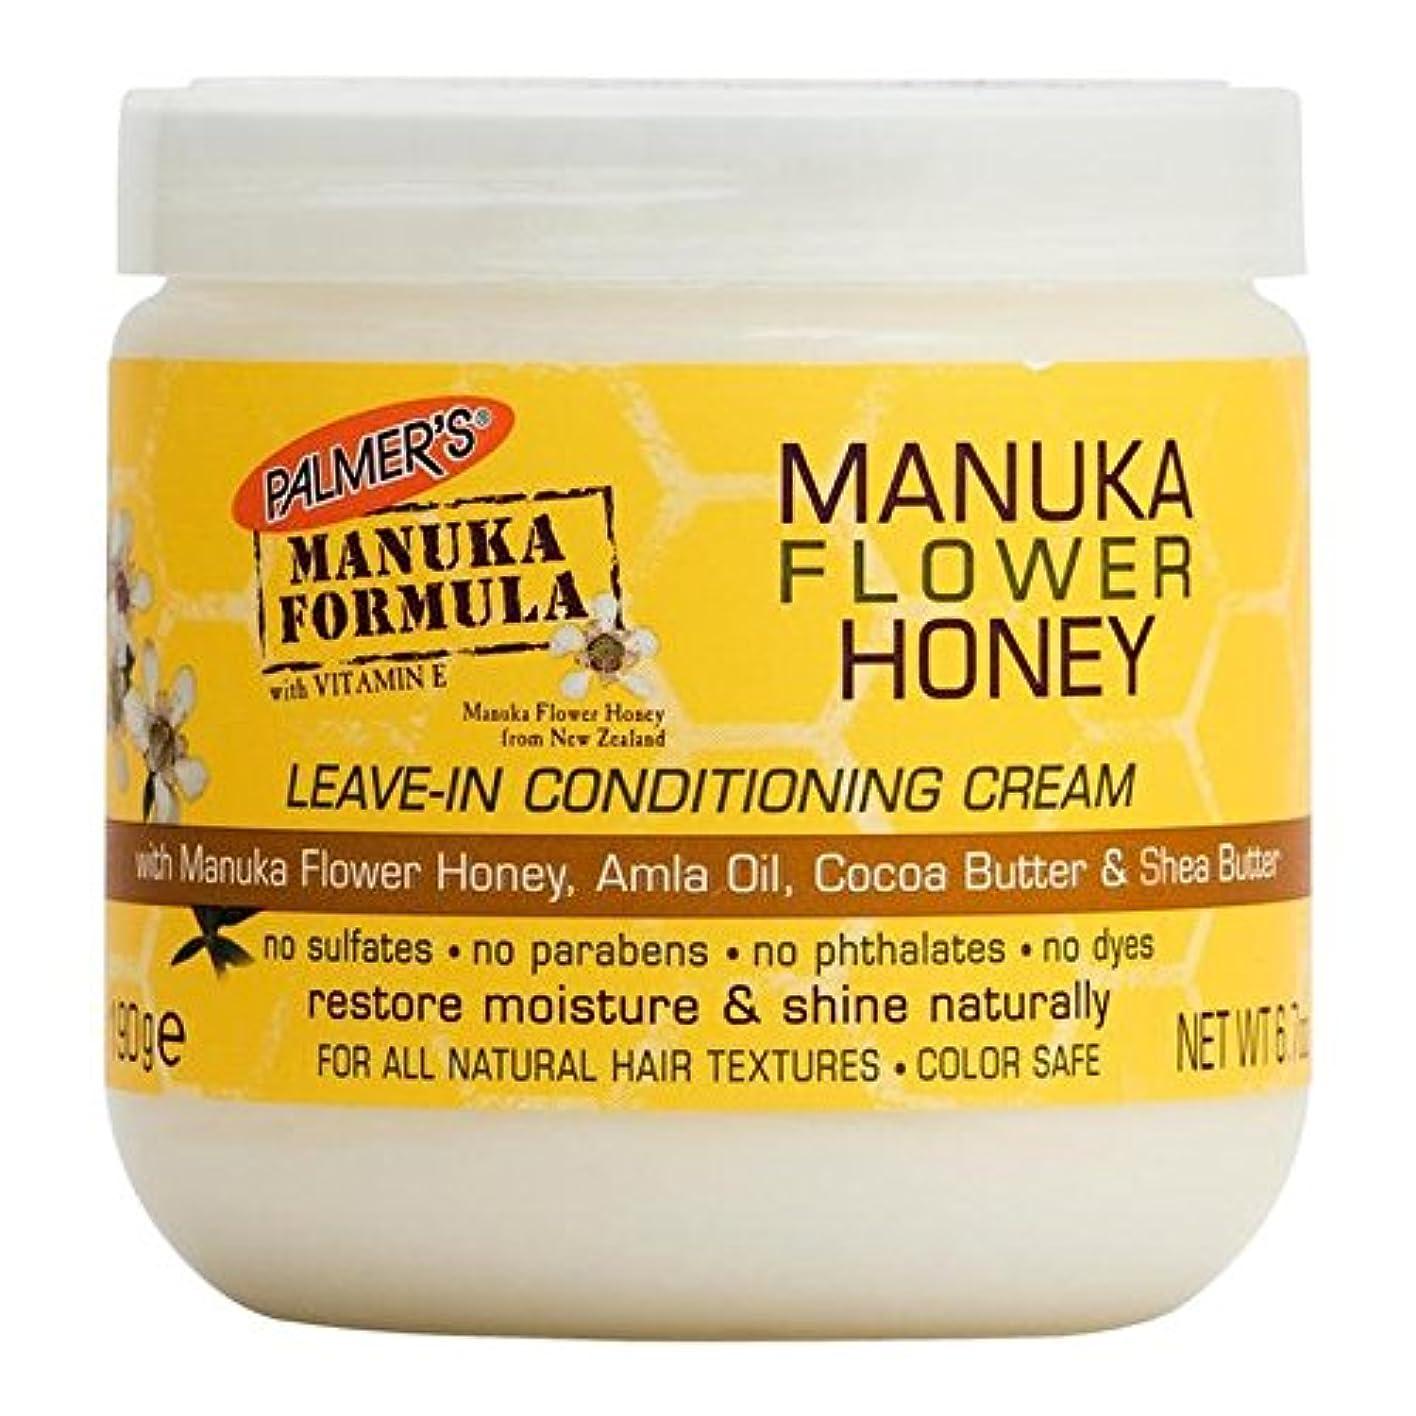 農村原油夕方パーマーのマヌカ式マヌカの花の蜂蜜のリーブインコンディショニングクリーム190グラム x2 - Palmer's Manuka Formula Manuka Flower Honey Leave-In Conditioning...